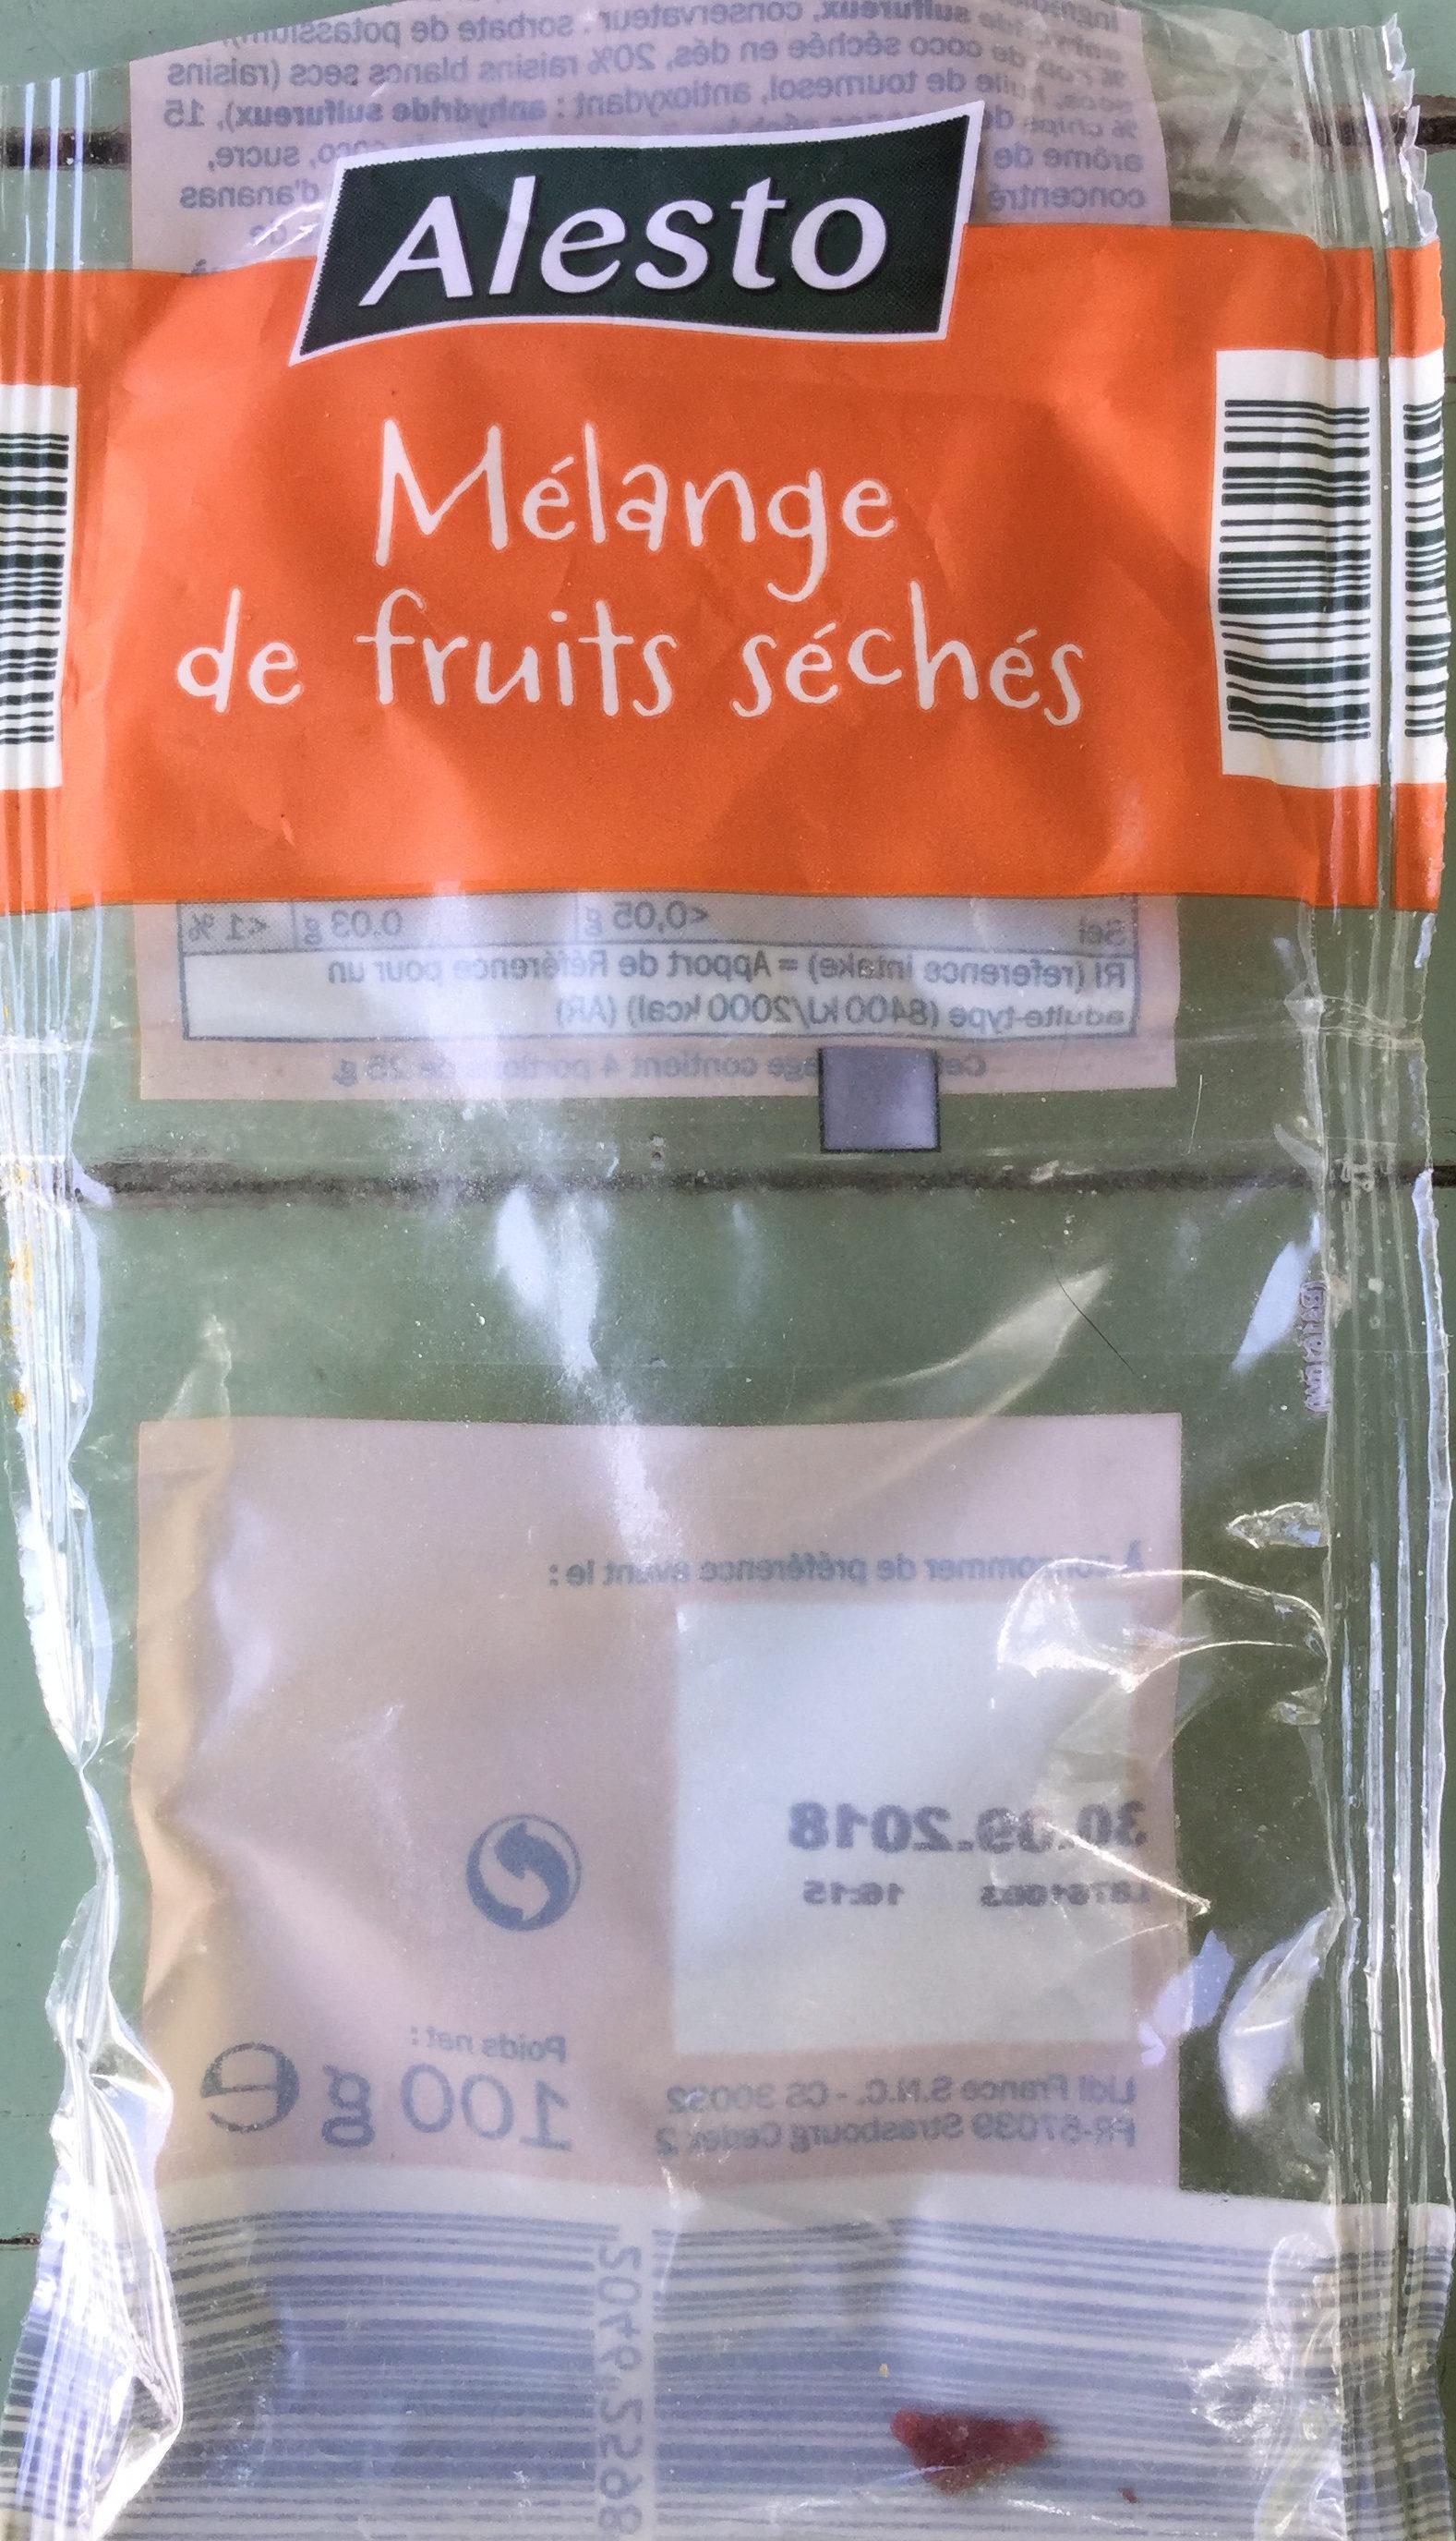 Mélange de fruits séché - Produit - fr